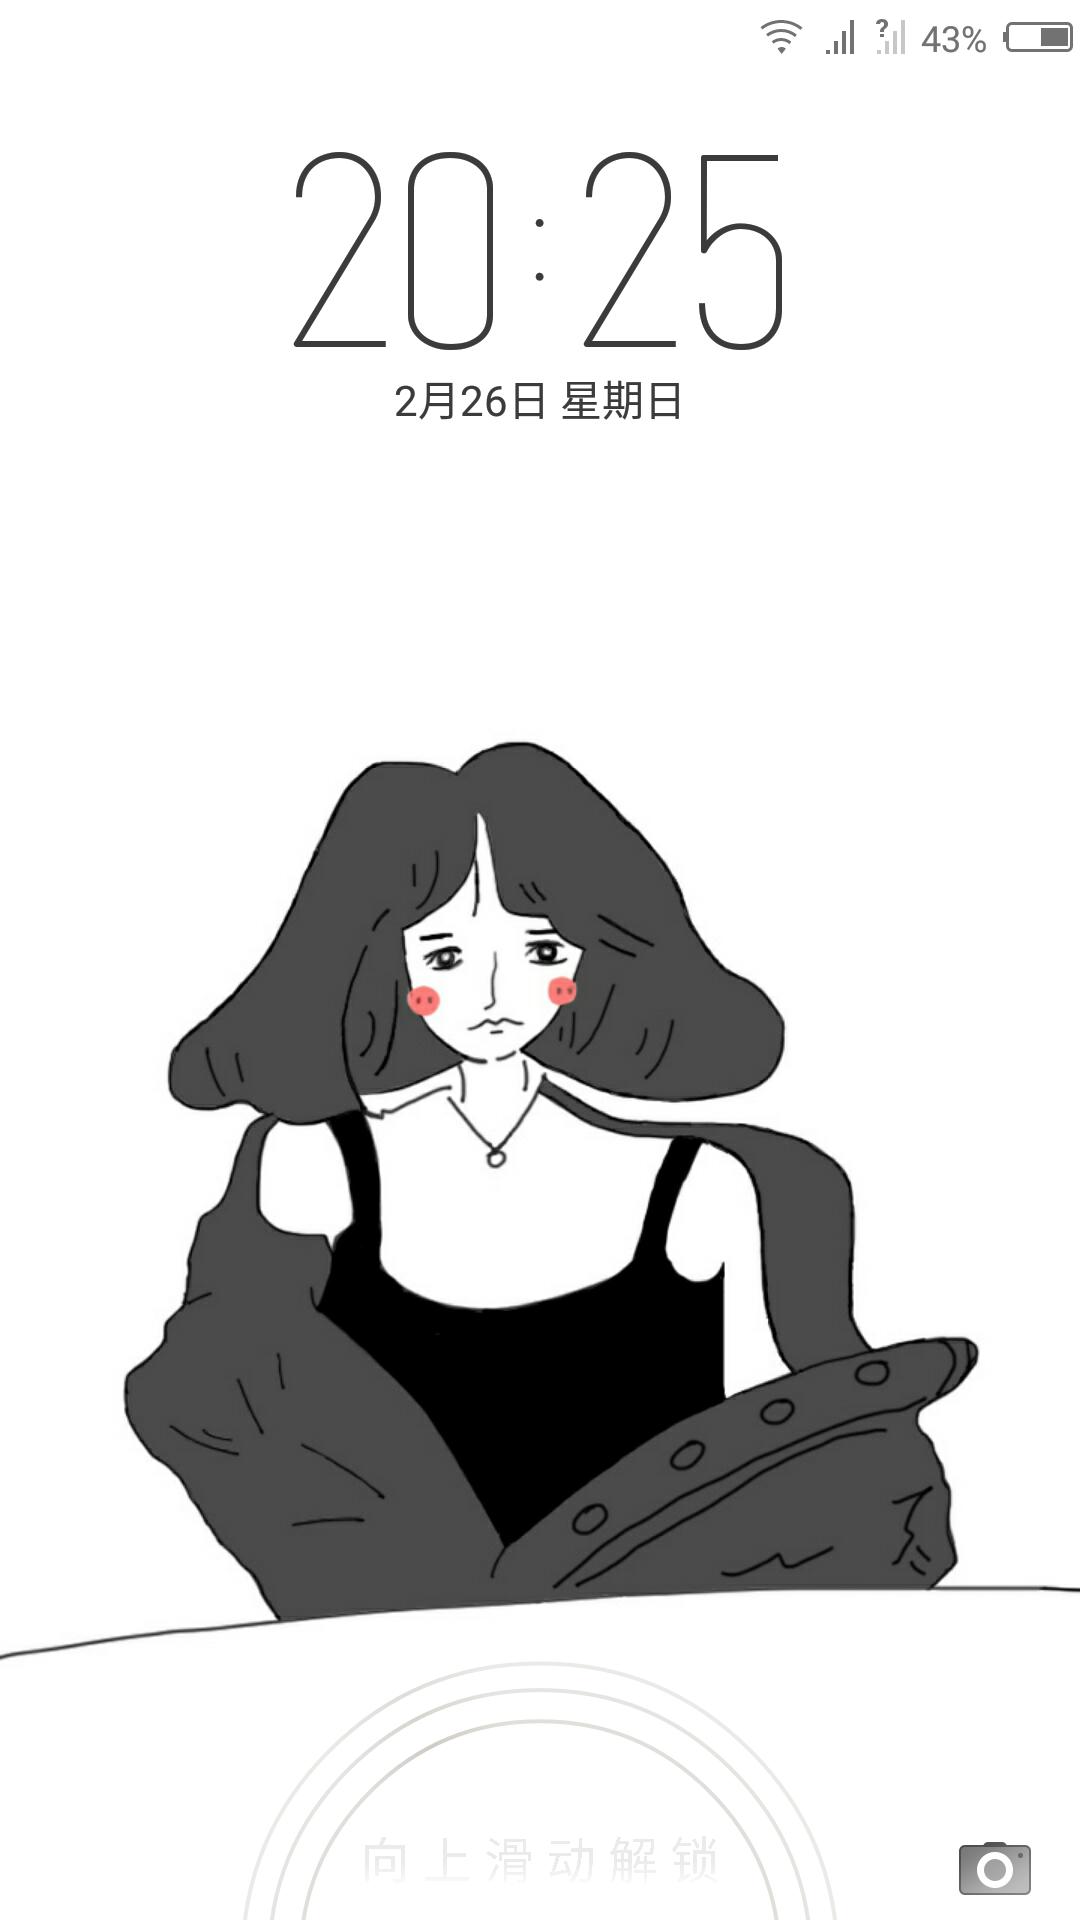 手绘板-01